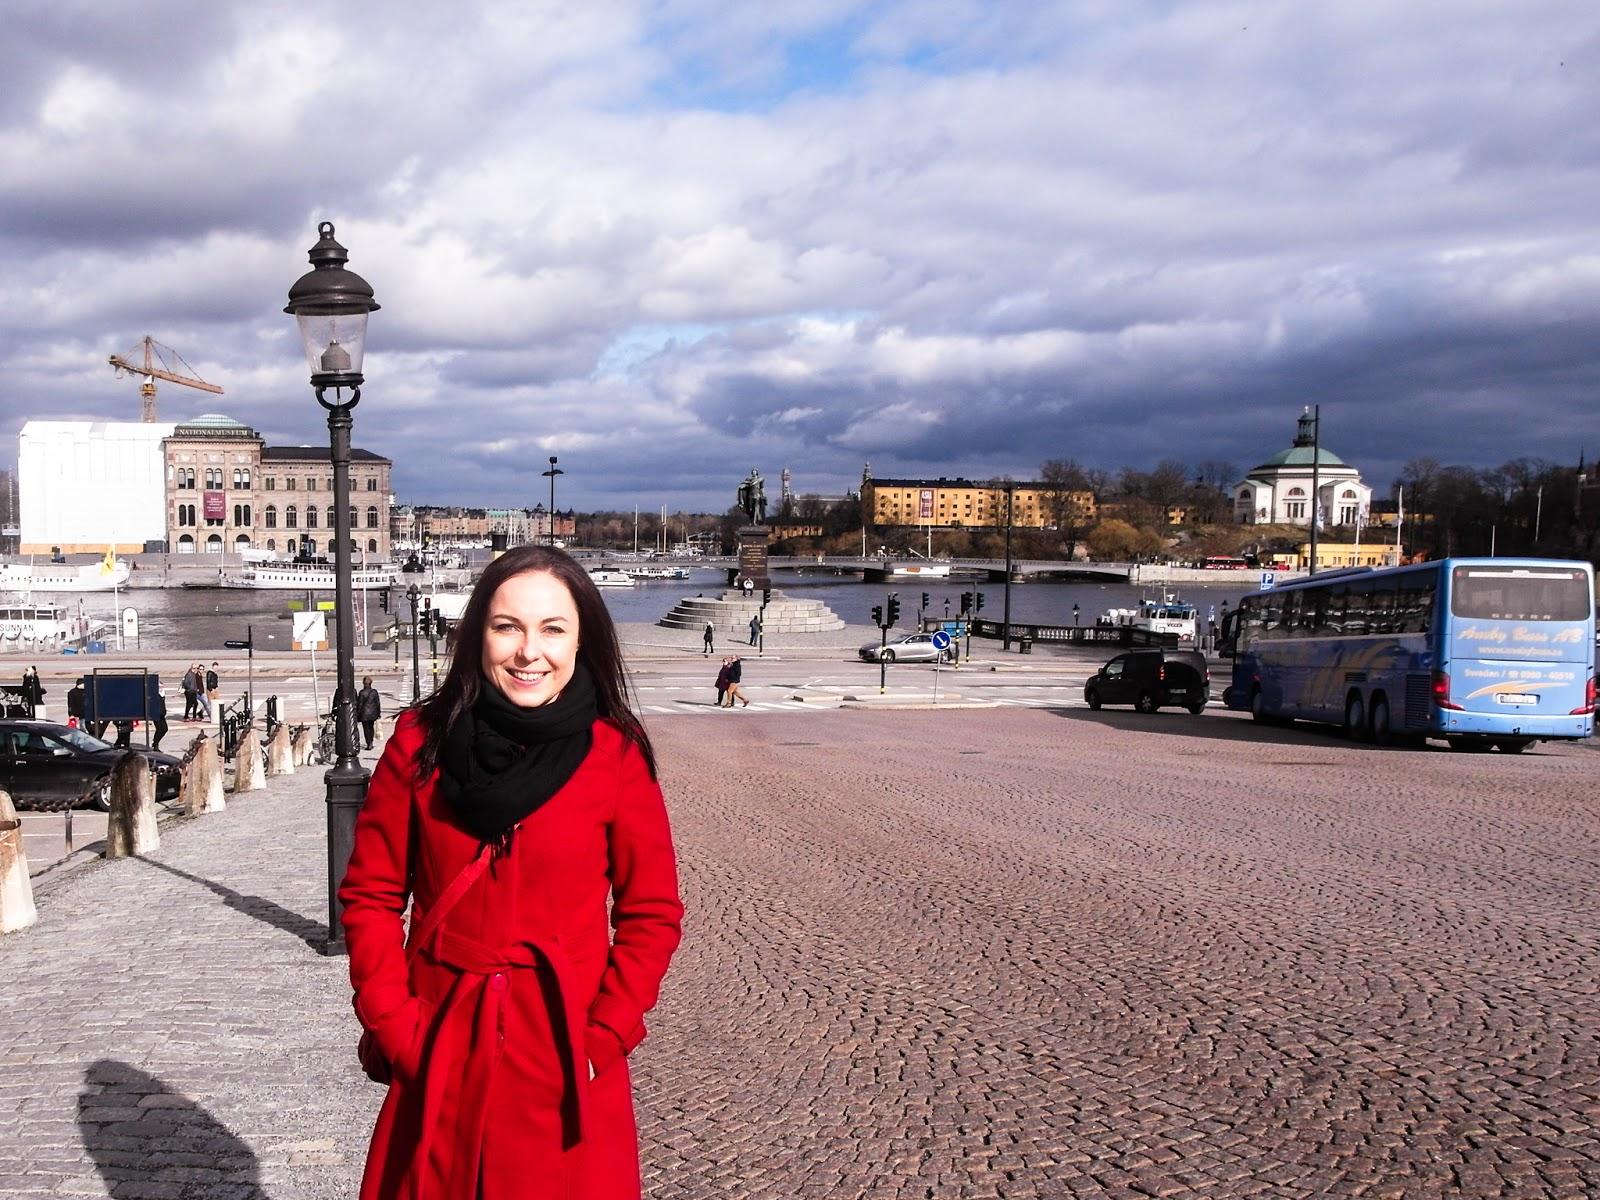 cestovanie, prekvapenie, švédsko, šotkhlom, nákupy